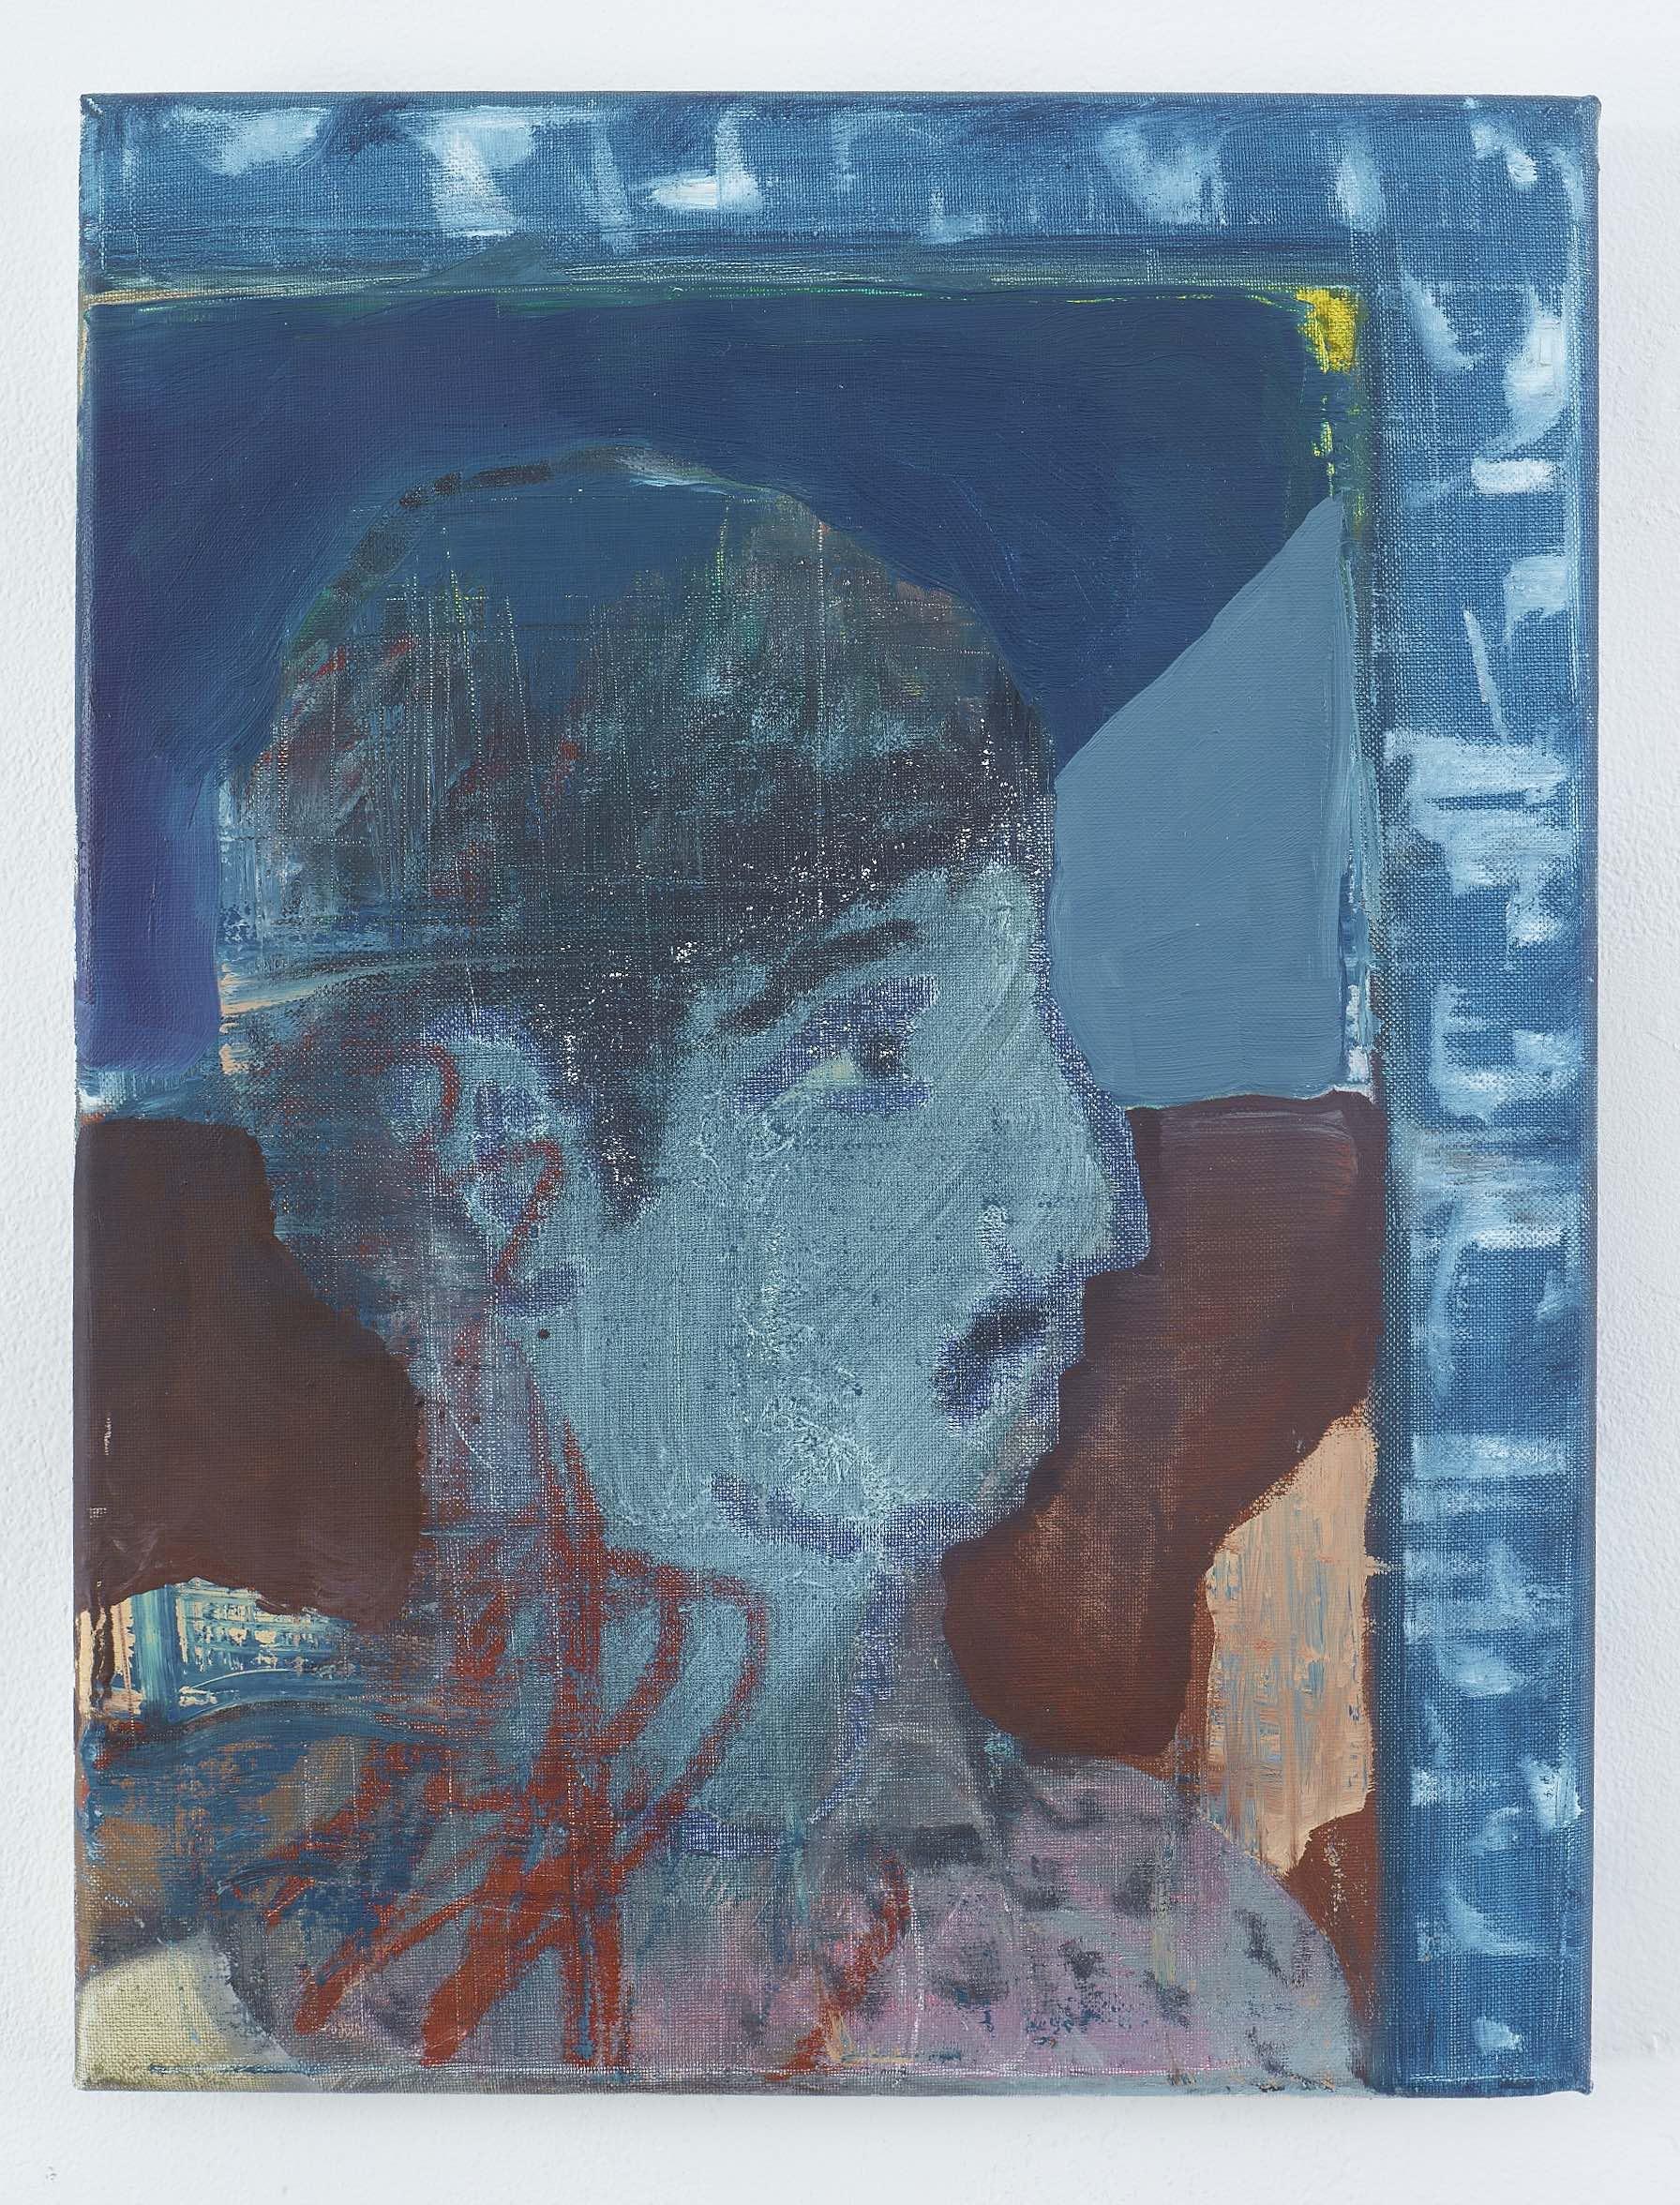 Tom Anholt, Blue Mountain, 2016